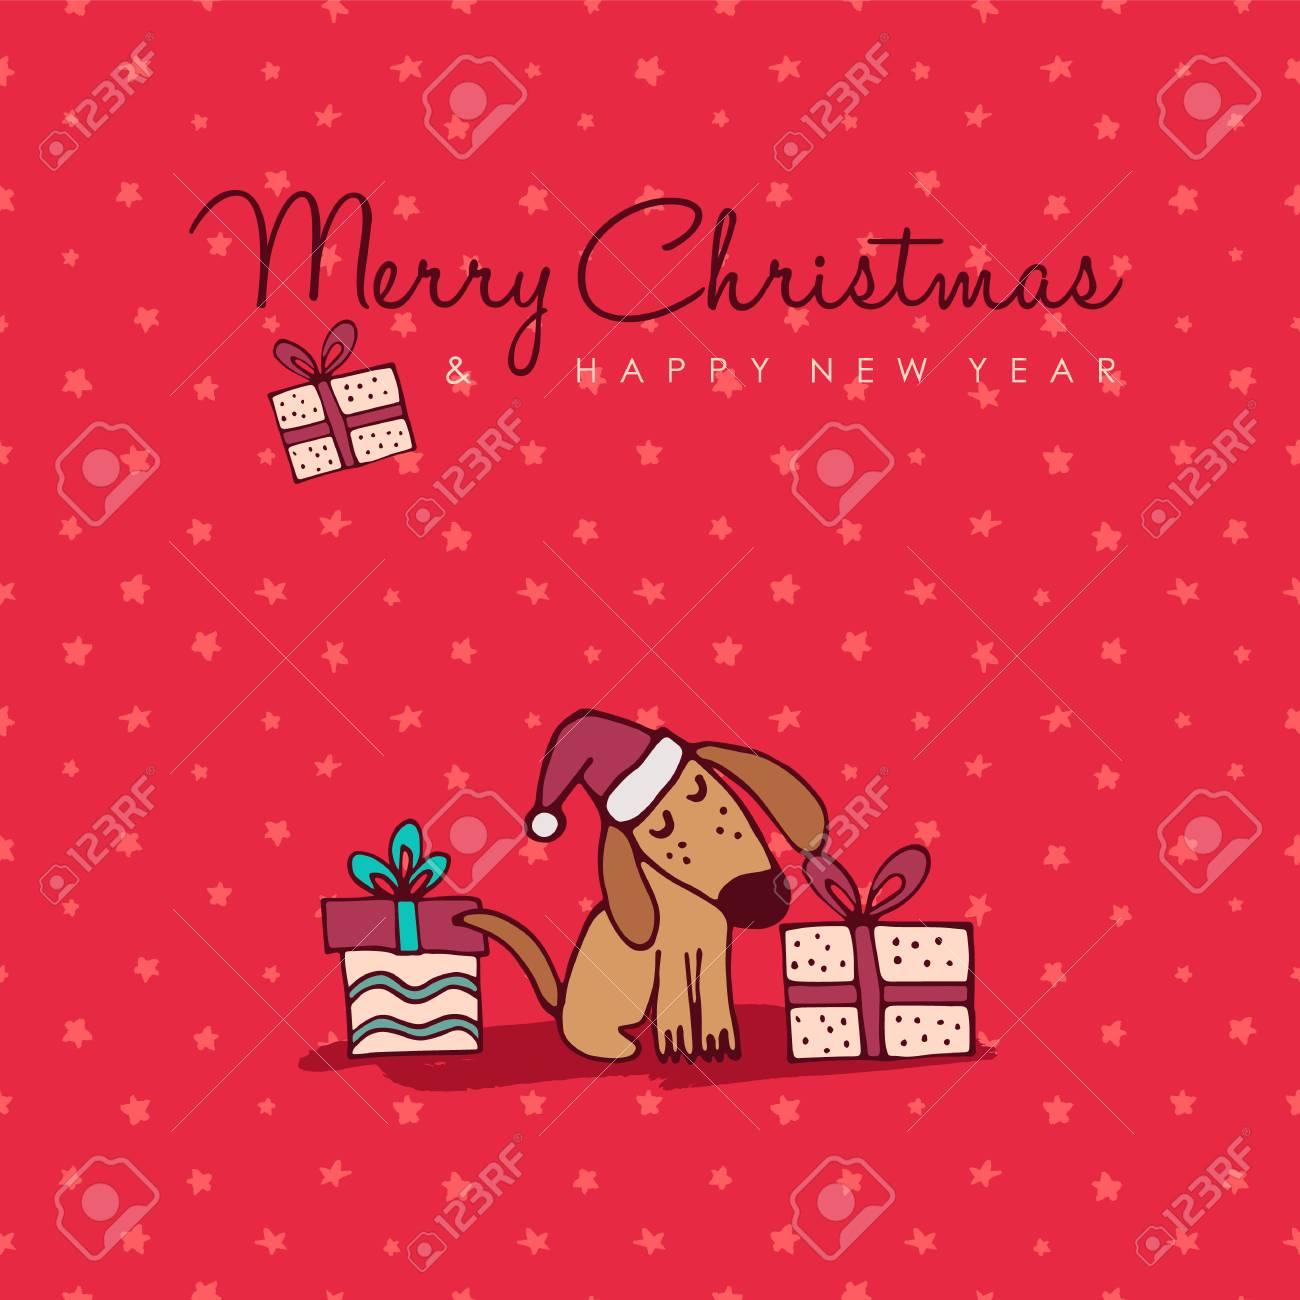 メリー クリスマス新年あけまして手書き犬グリーティング カード